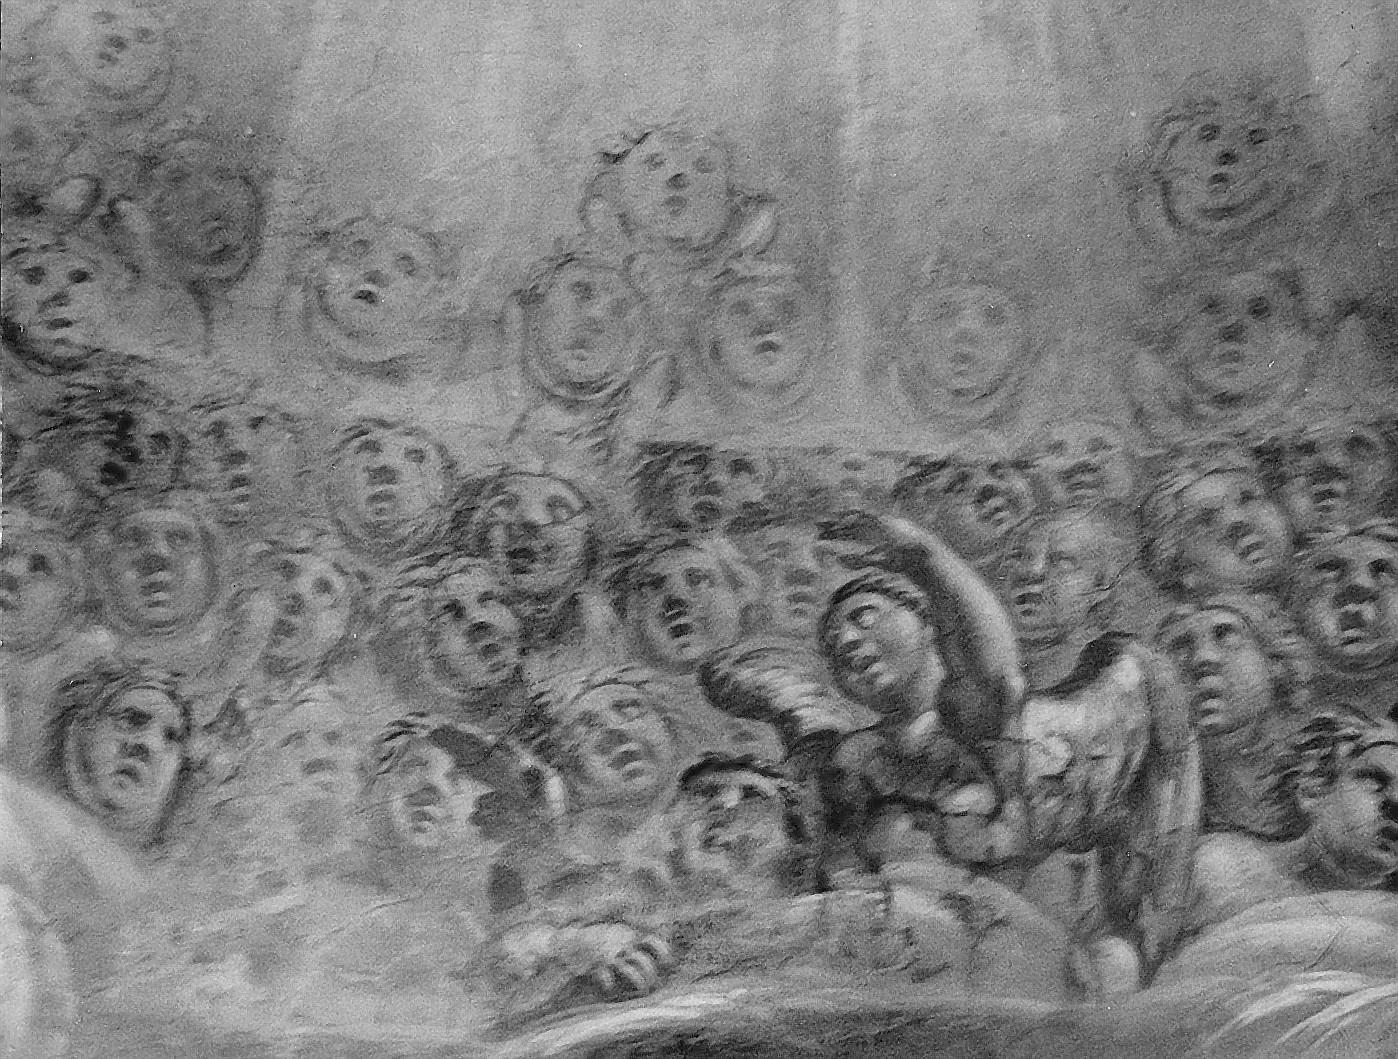 3 il. Džiūgaujantys cherubinai. Kupolo freskos fragmentas. Fot. Jonas Šaparauskas. 1988 m.